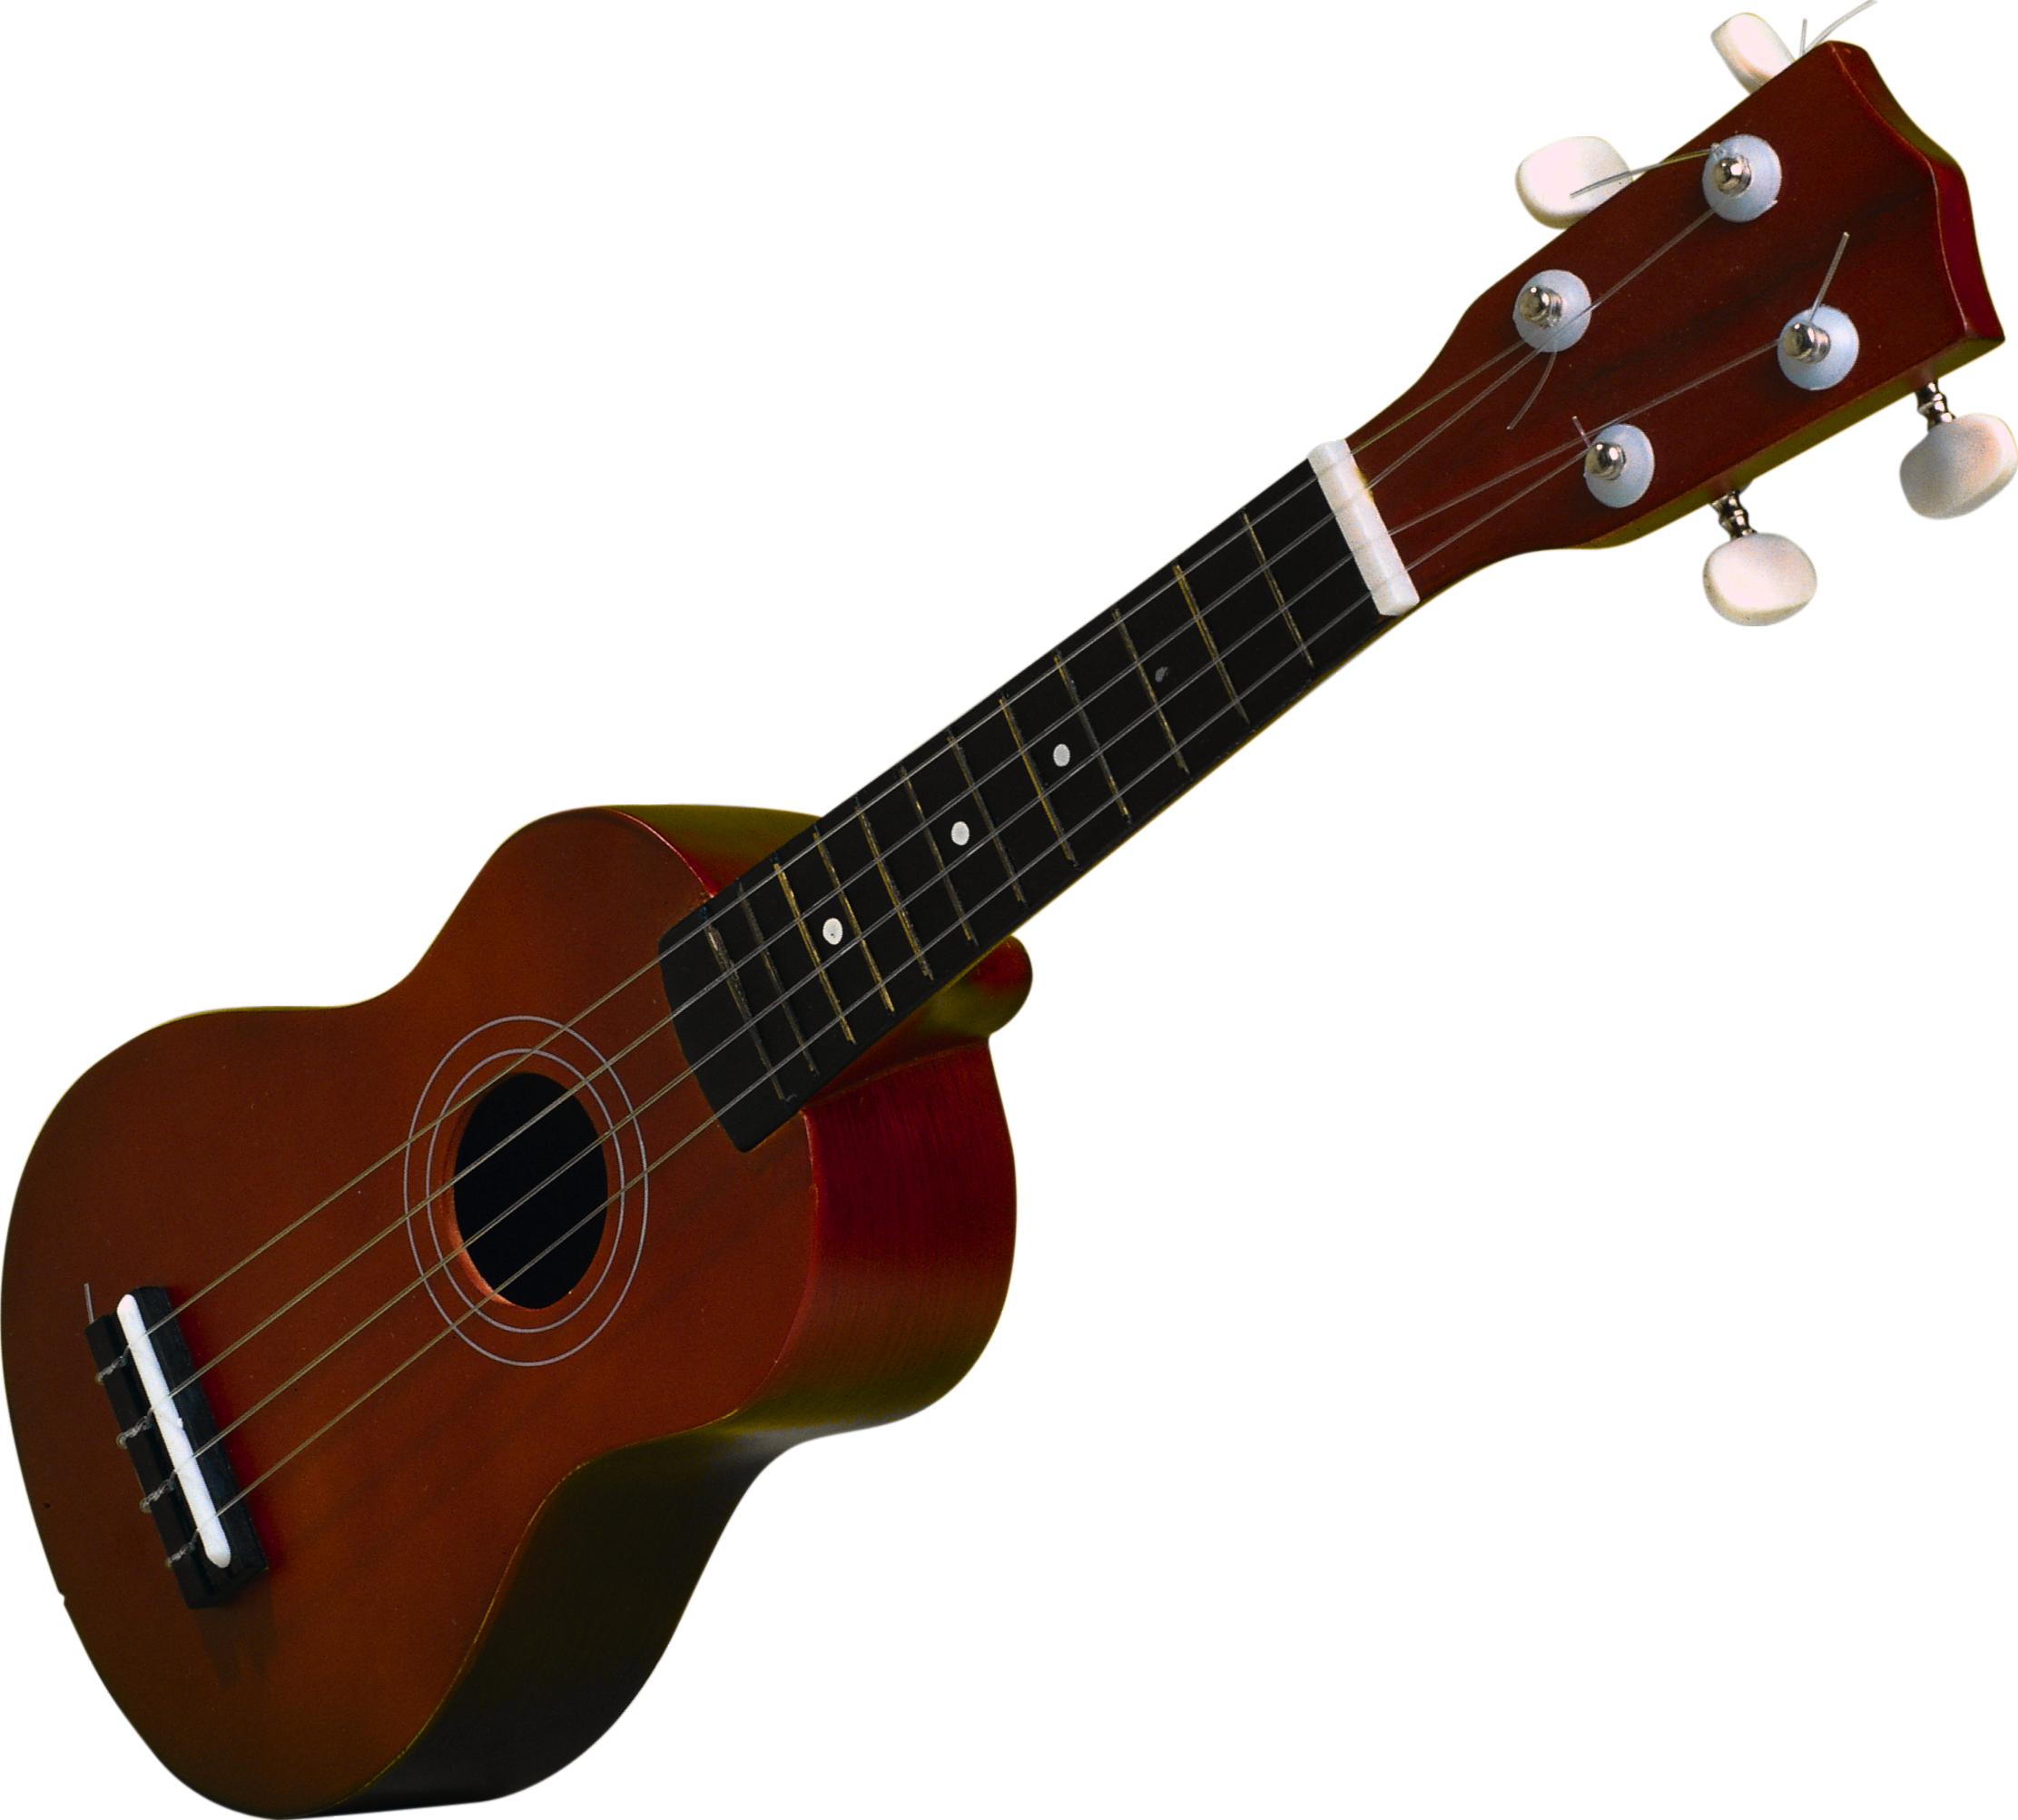 Guitar PNG image